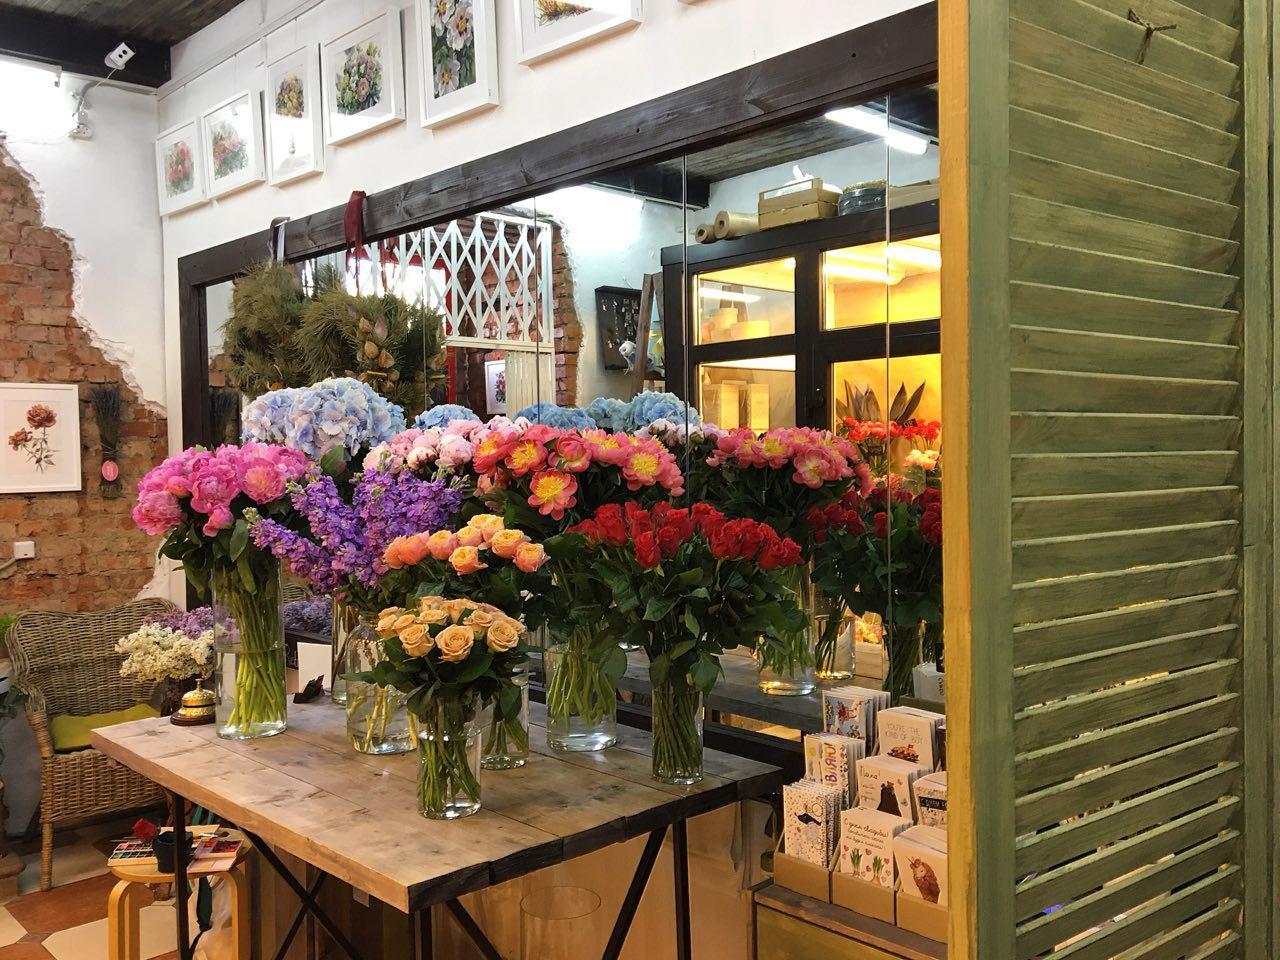 Заказать цветы из москвы в сочи — img 5